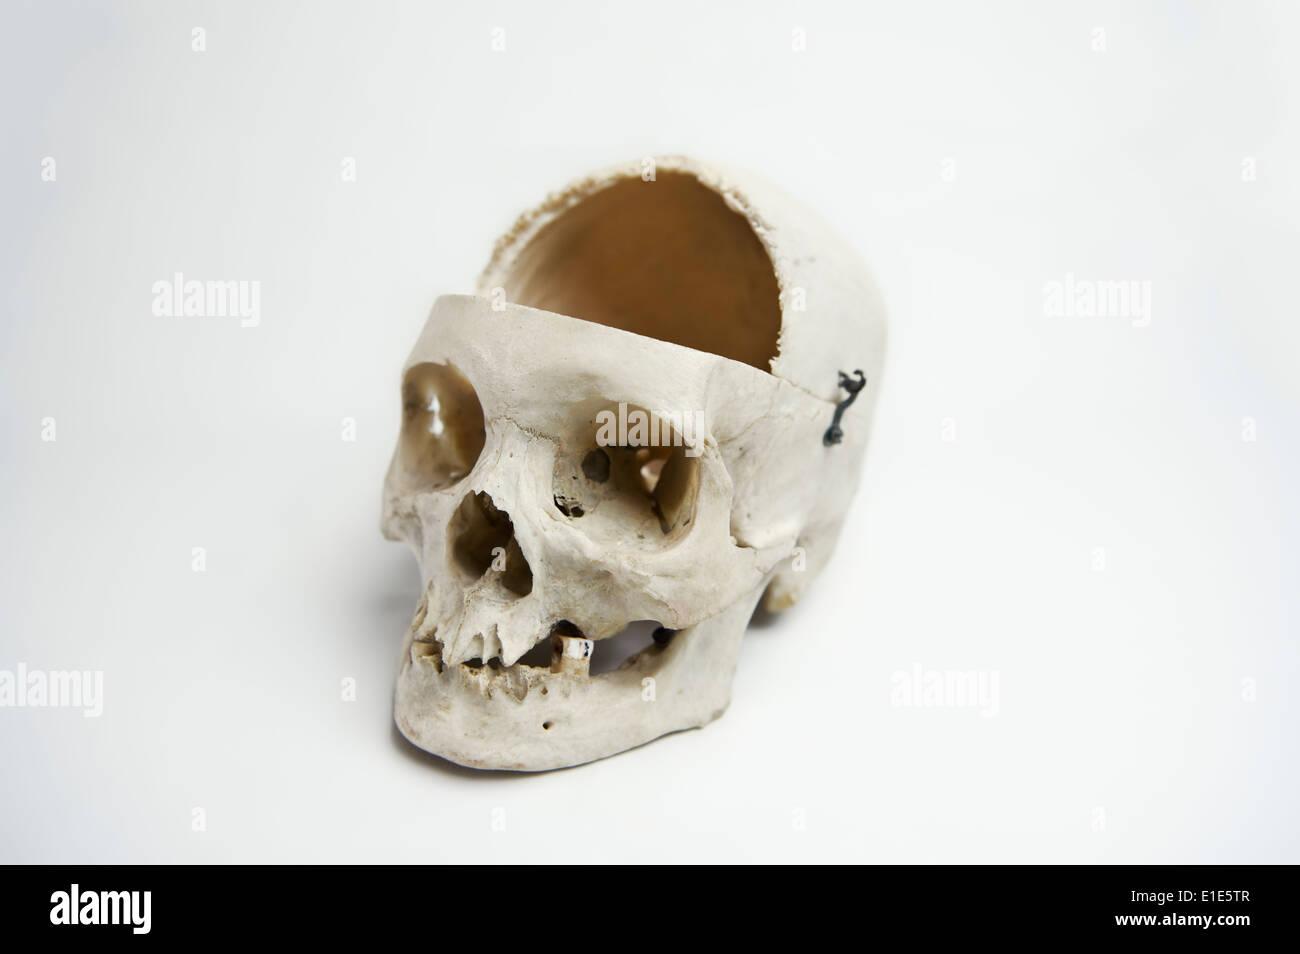 Ausgezeichnet Menschliche Schädel Front Ideen - Menschliche Anatomie ...